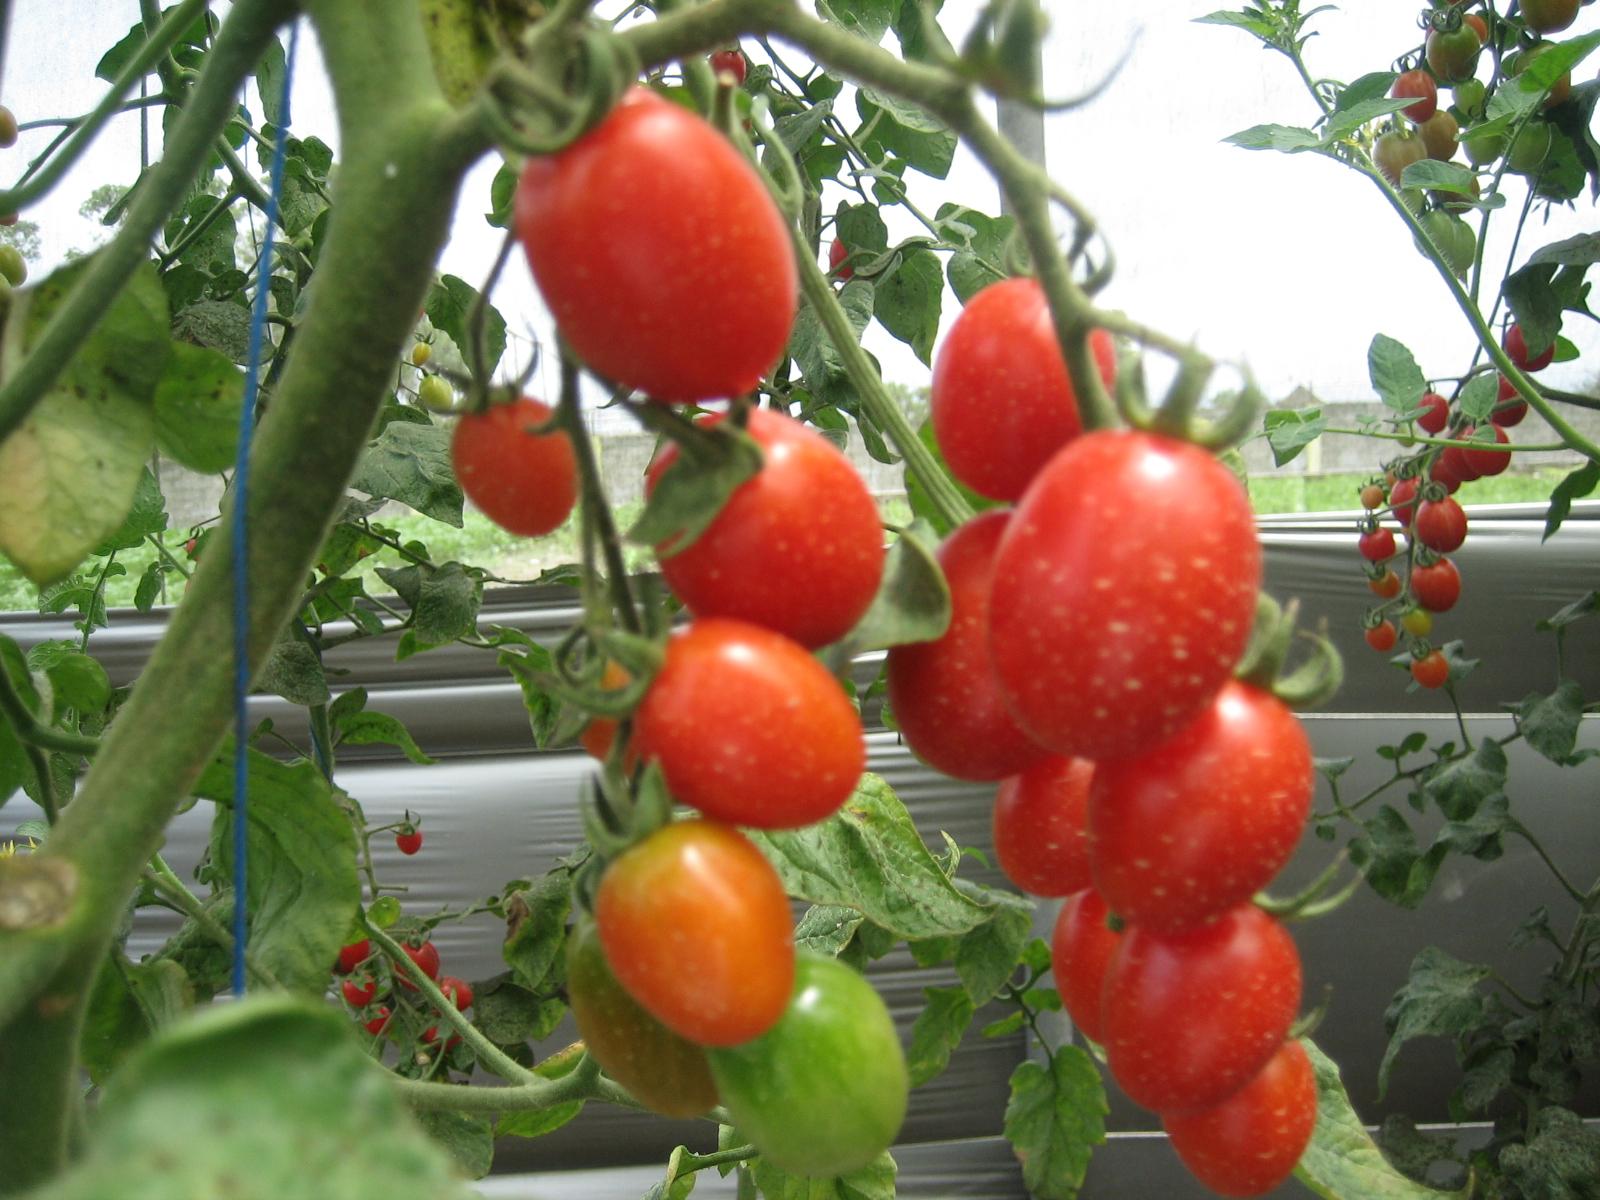 bagian tanaman yang digunakan sebagai obat adalah buahnya digunakan ...